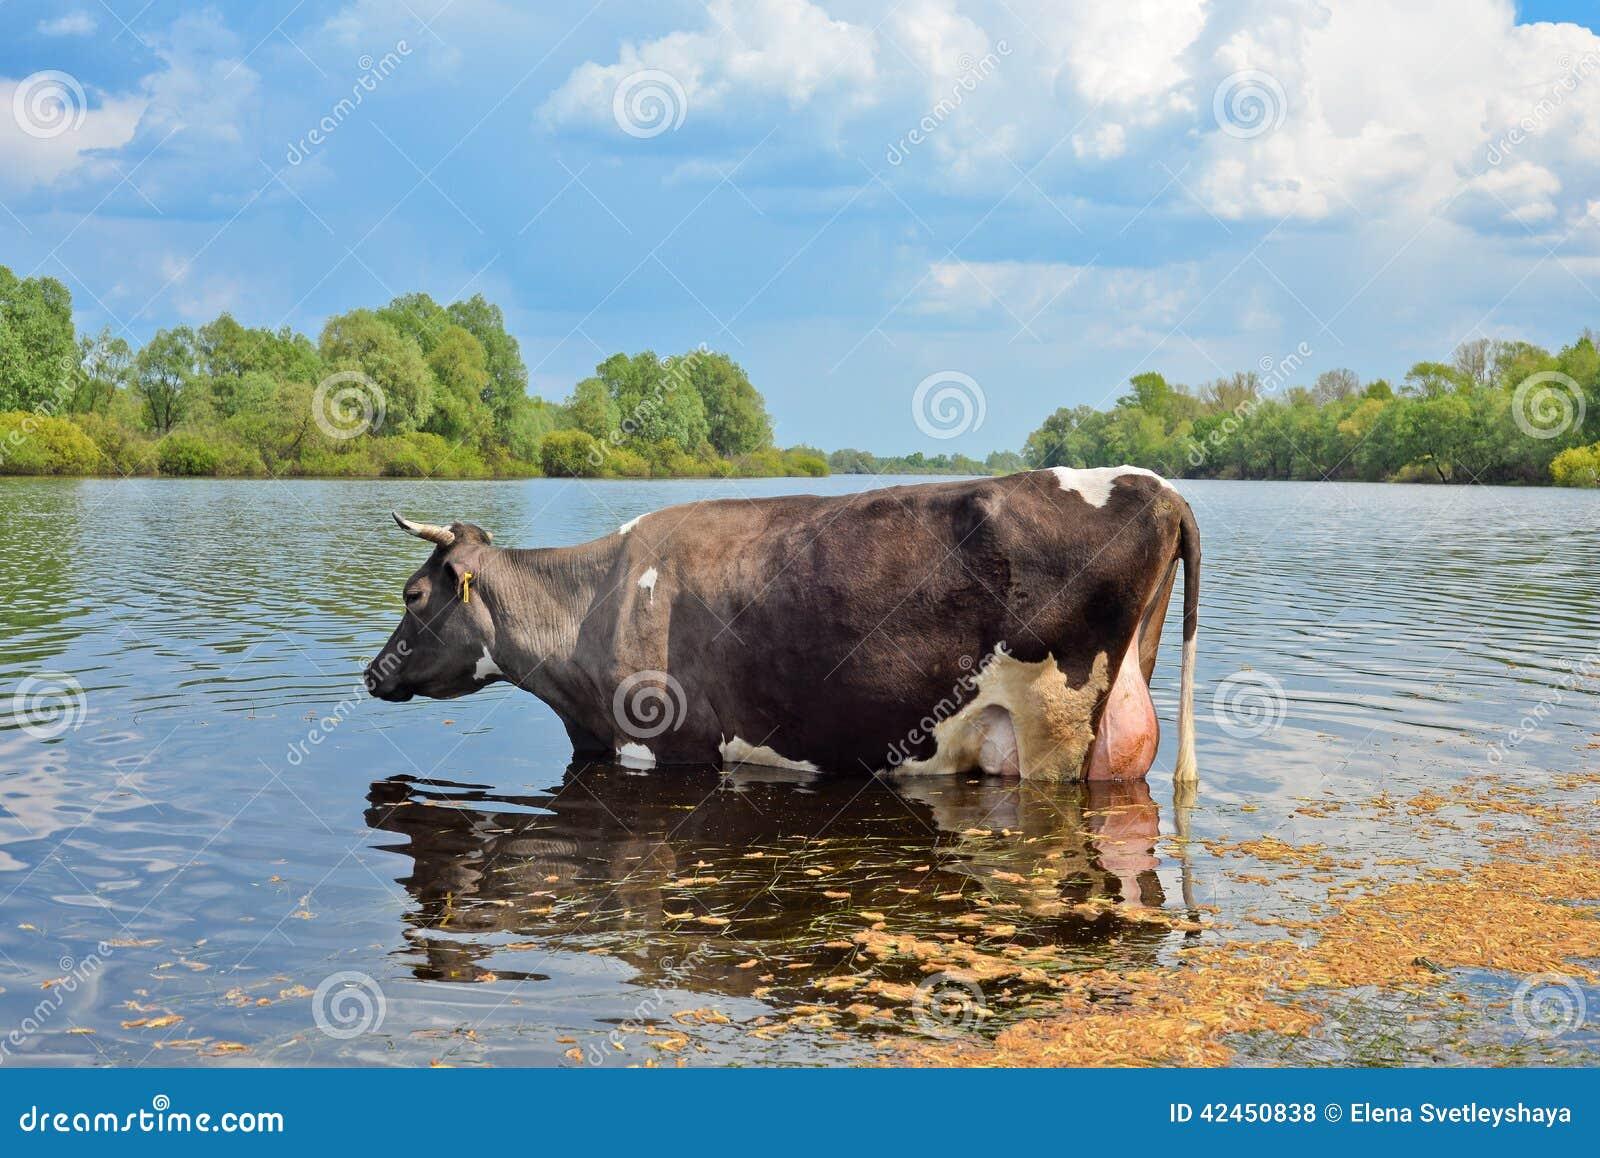 Kuh auf einer Wasserentnahmestelle